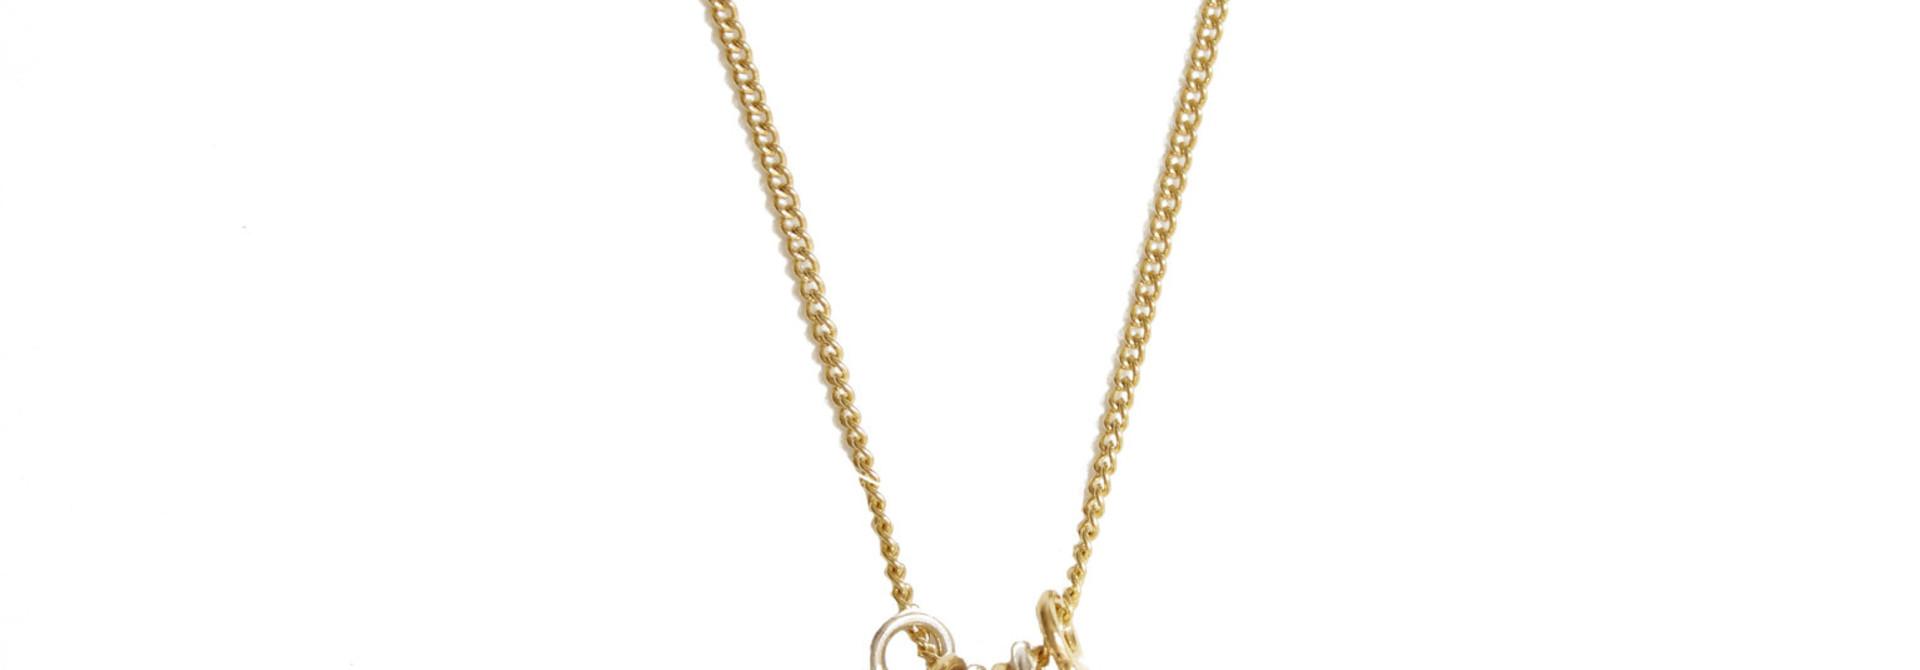 Fauve necklace